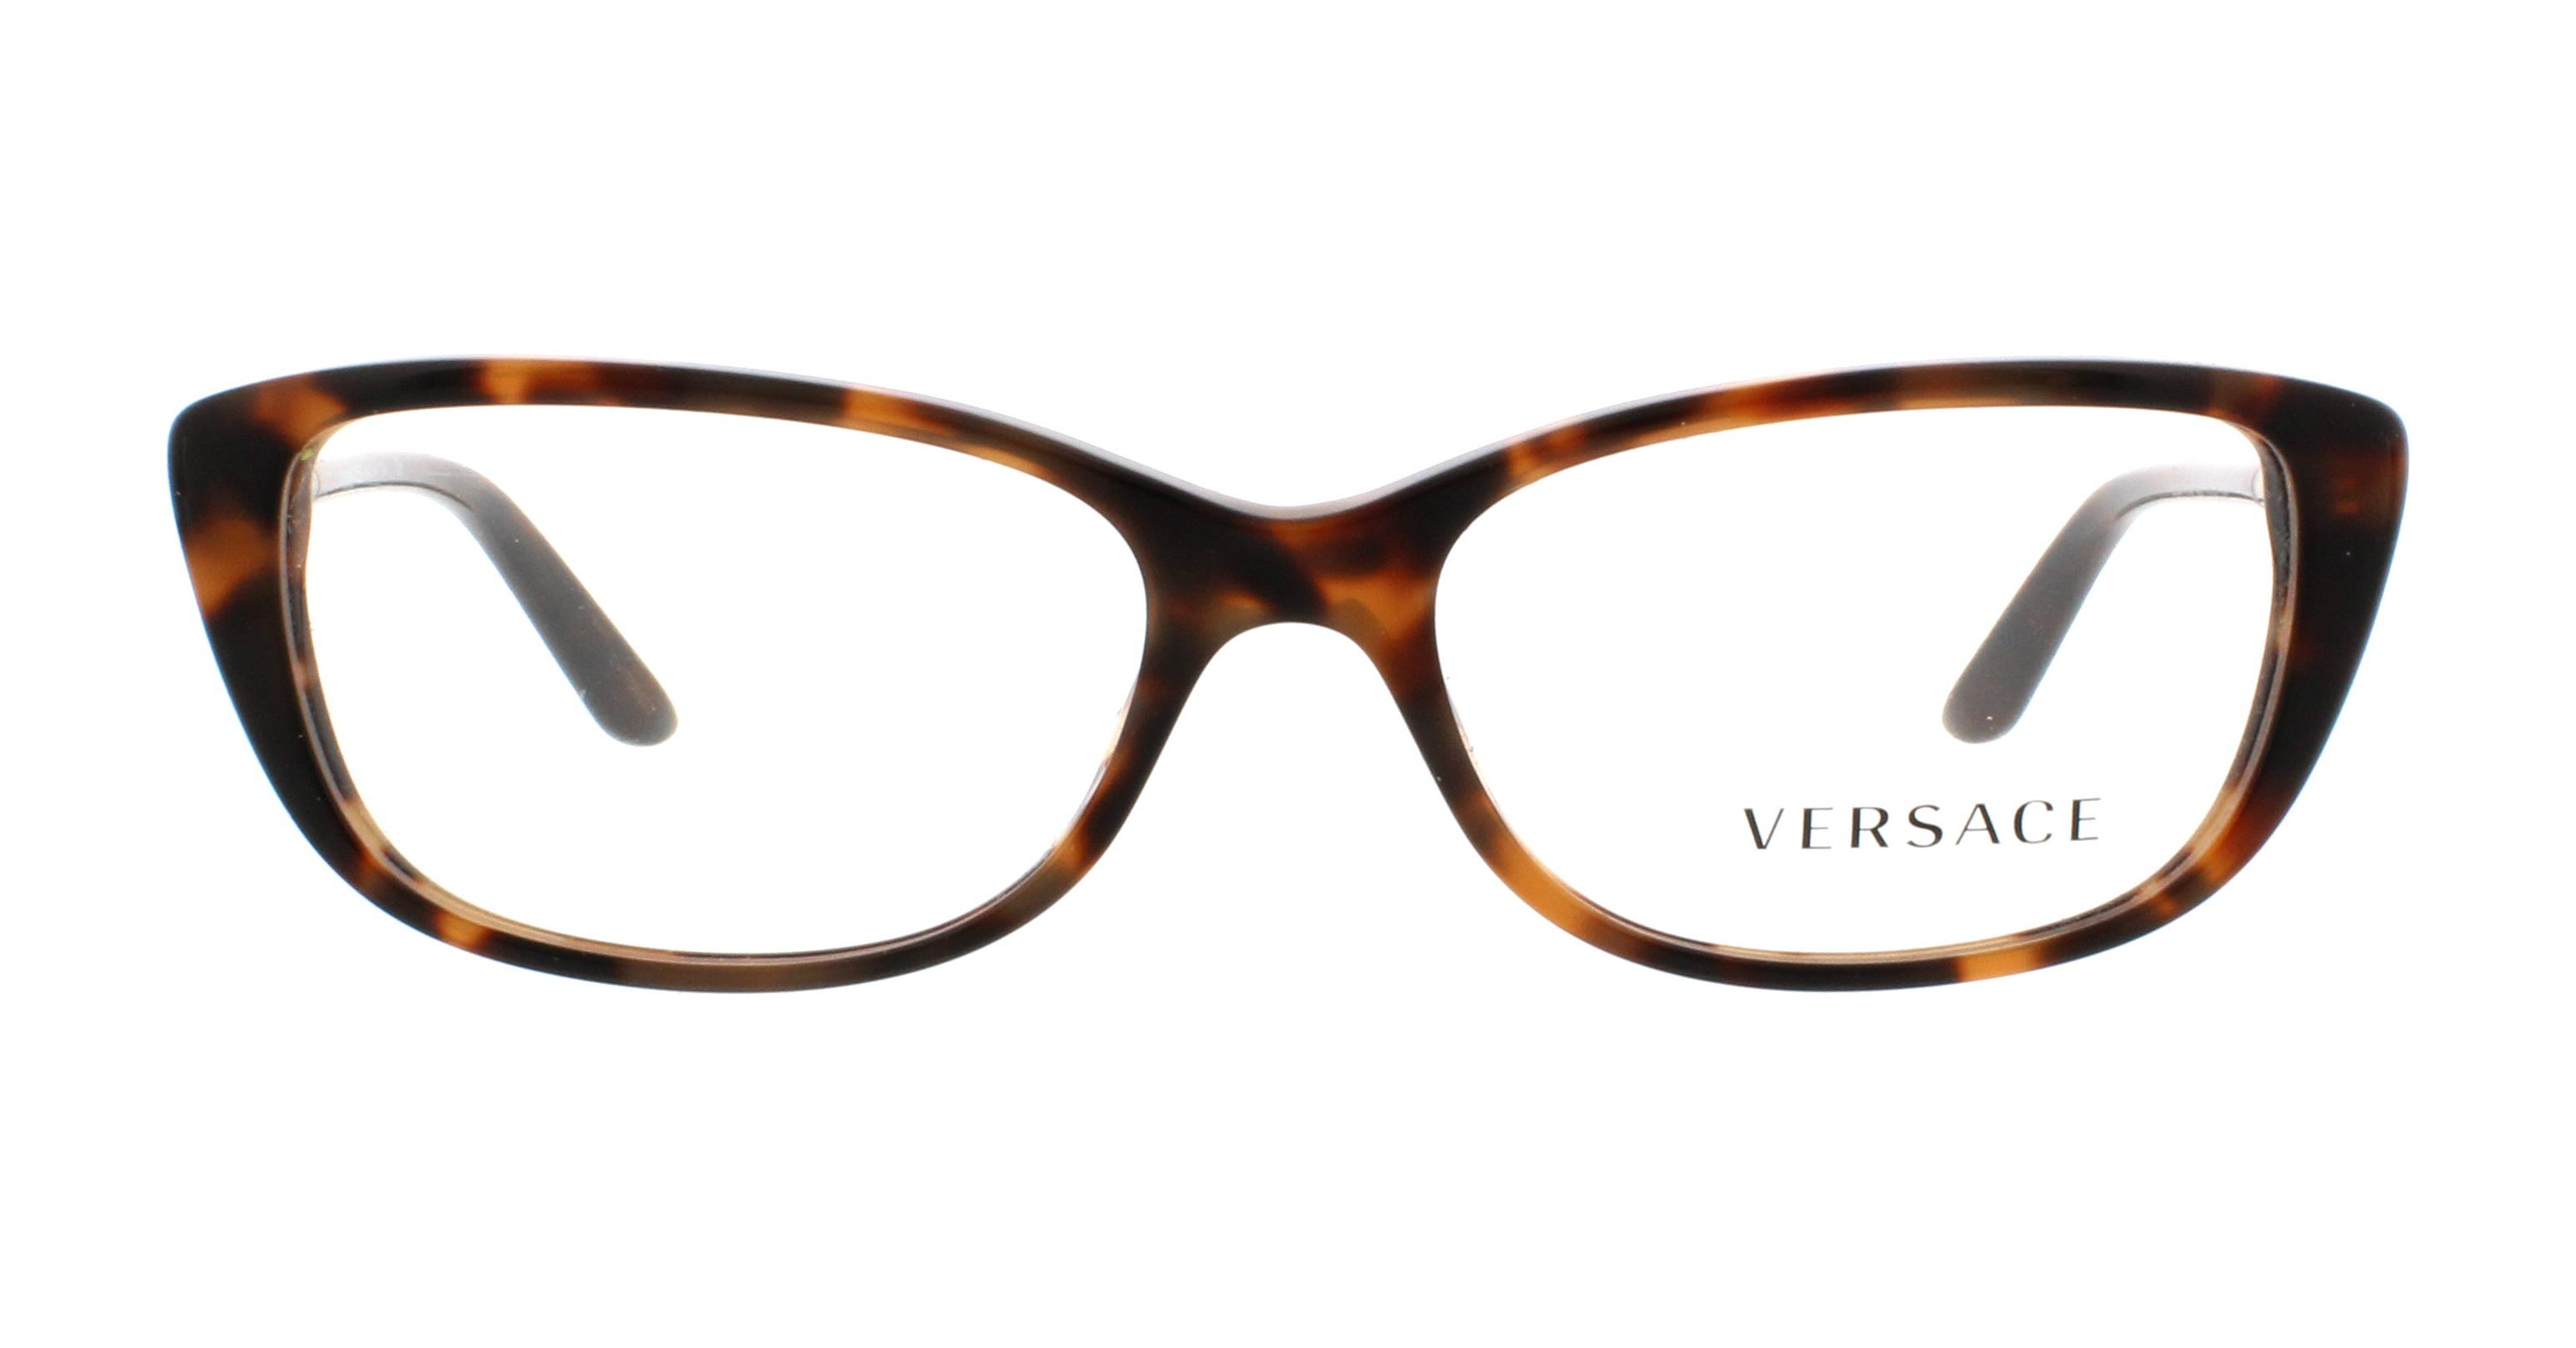 39c556e25db4 Designer Frames Outlet. Versace VE3206